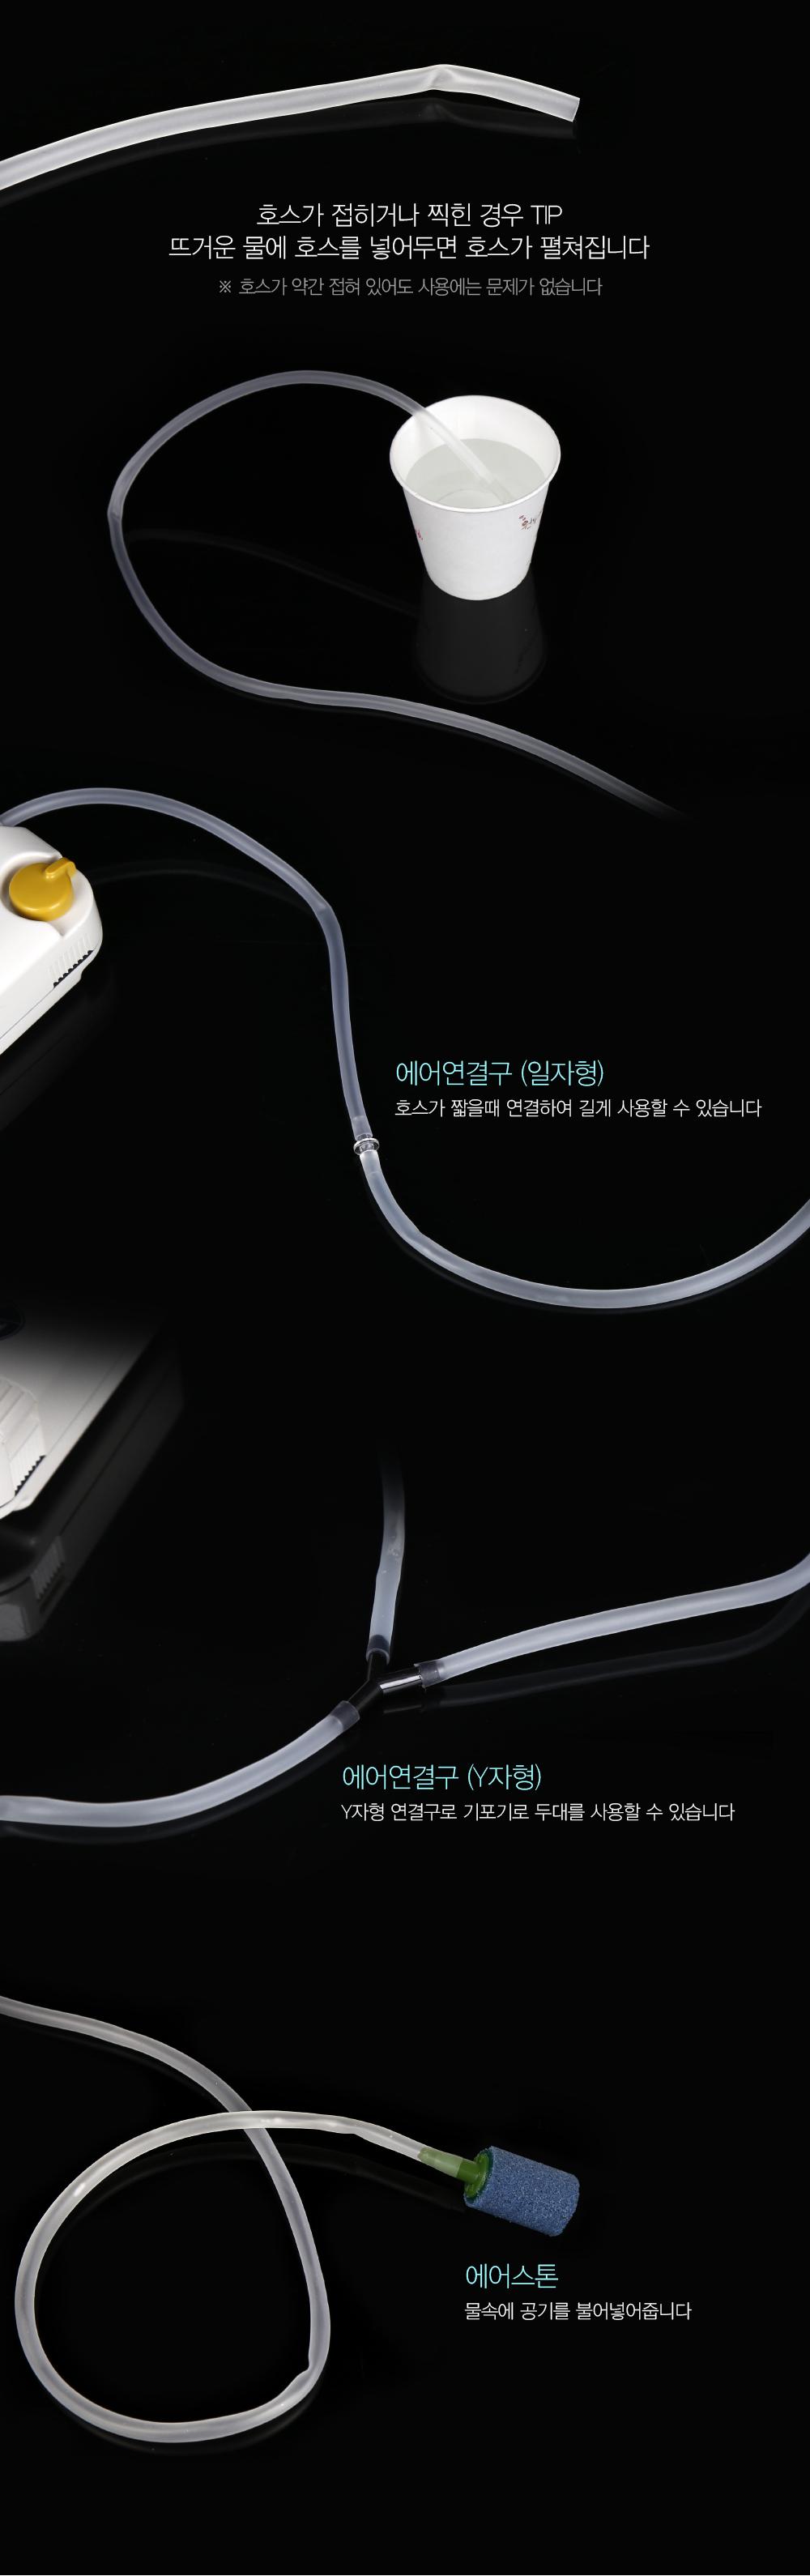 KLF 기포기 튜닝부품 에어분사기 에어스톤 콩돌 산소기돌 에어펌프호스 기포기호스 실리콘호스 연결호스 공기공급기호스 산소공급기호스